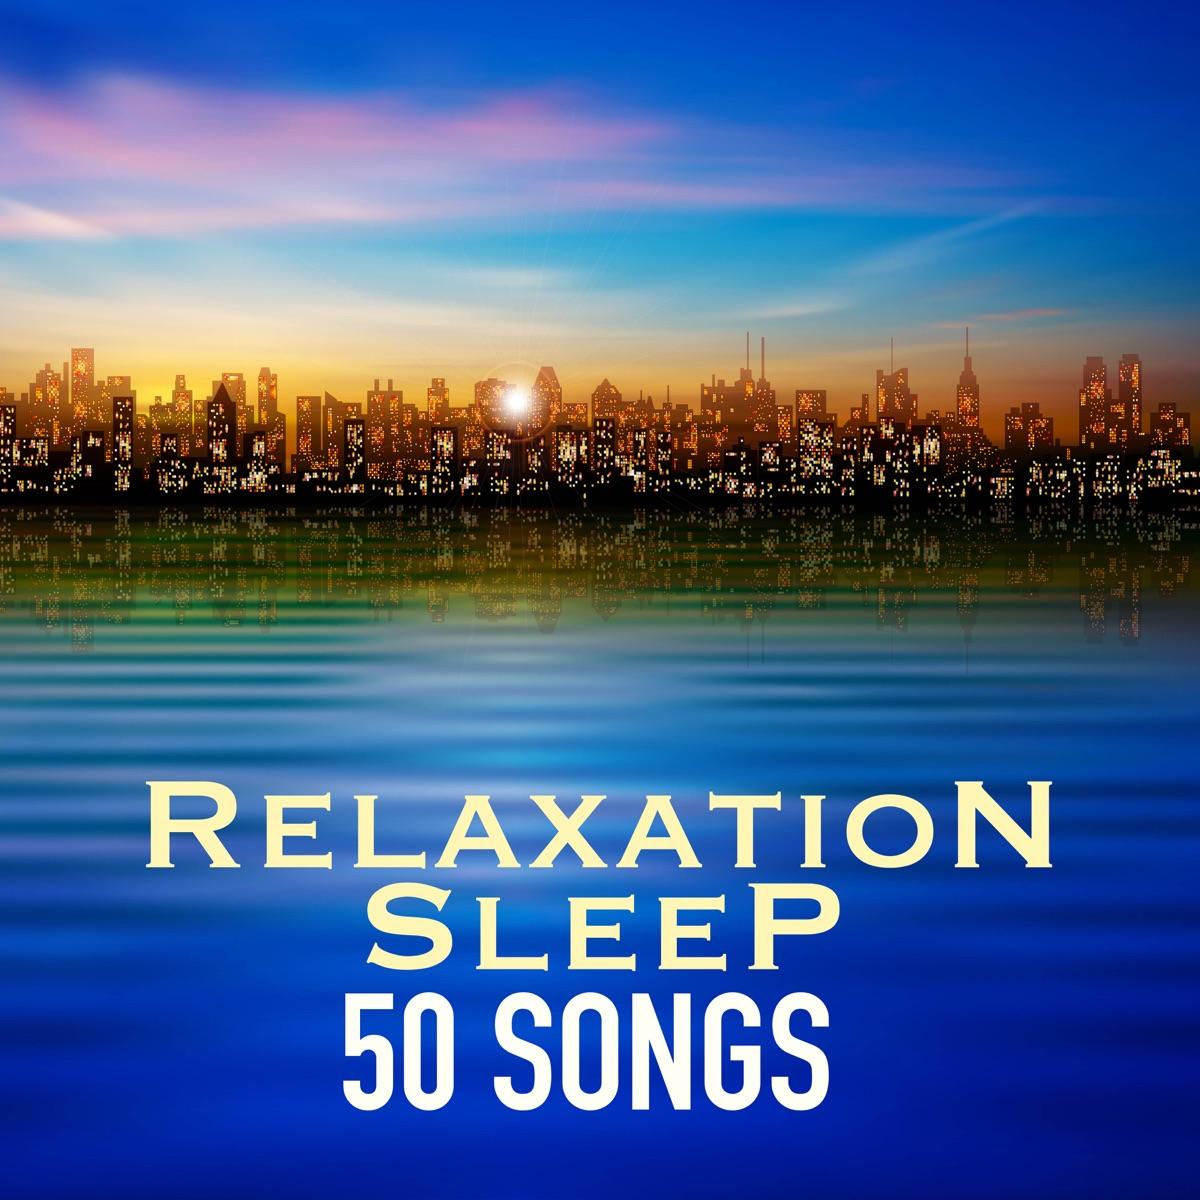 Relaxation Sleep 50 Songs - Instrumental Deep Sleeping